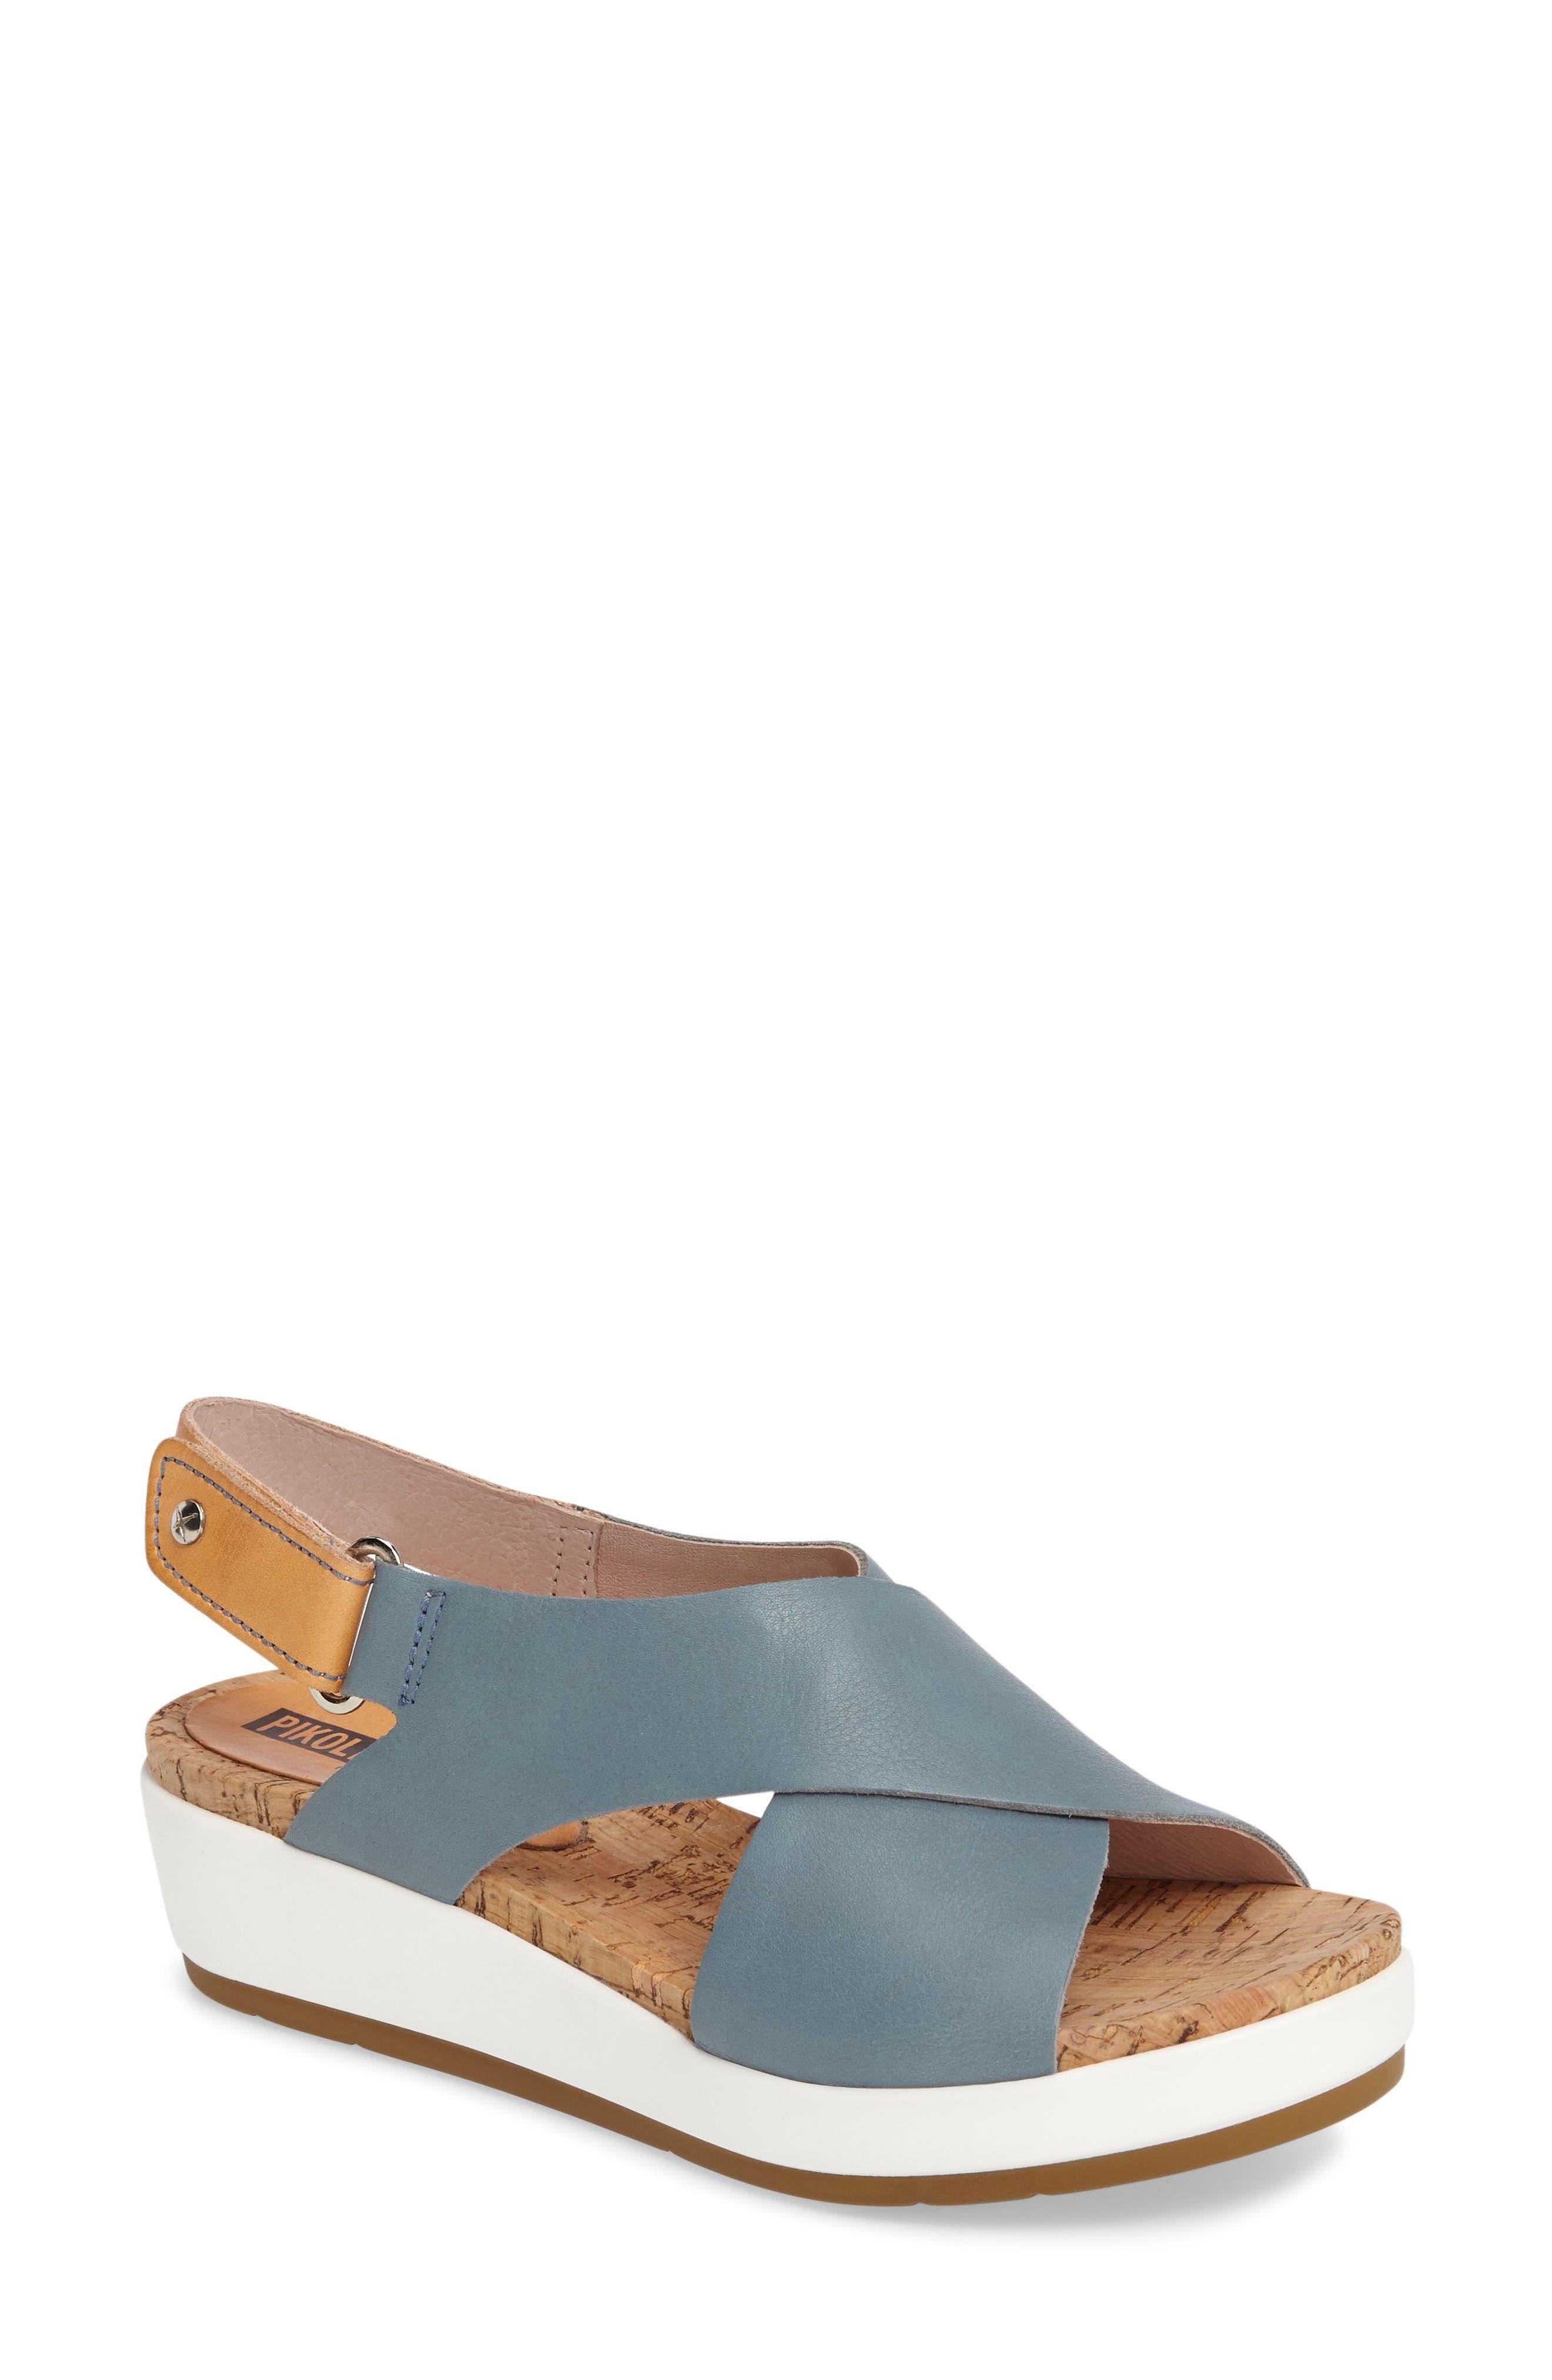 Main Image - PIKOLINOS 'Mykonos' Platform Sandal (Women)